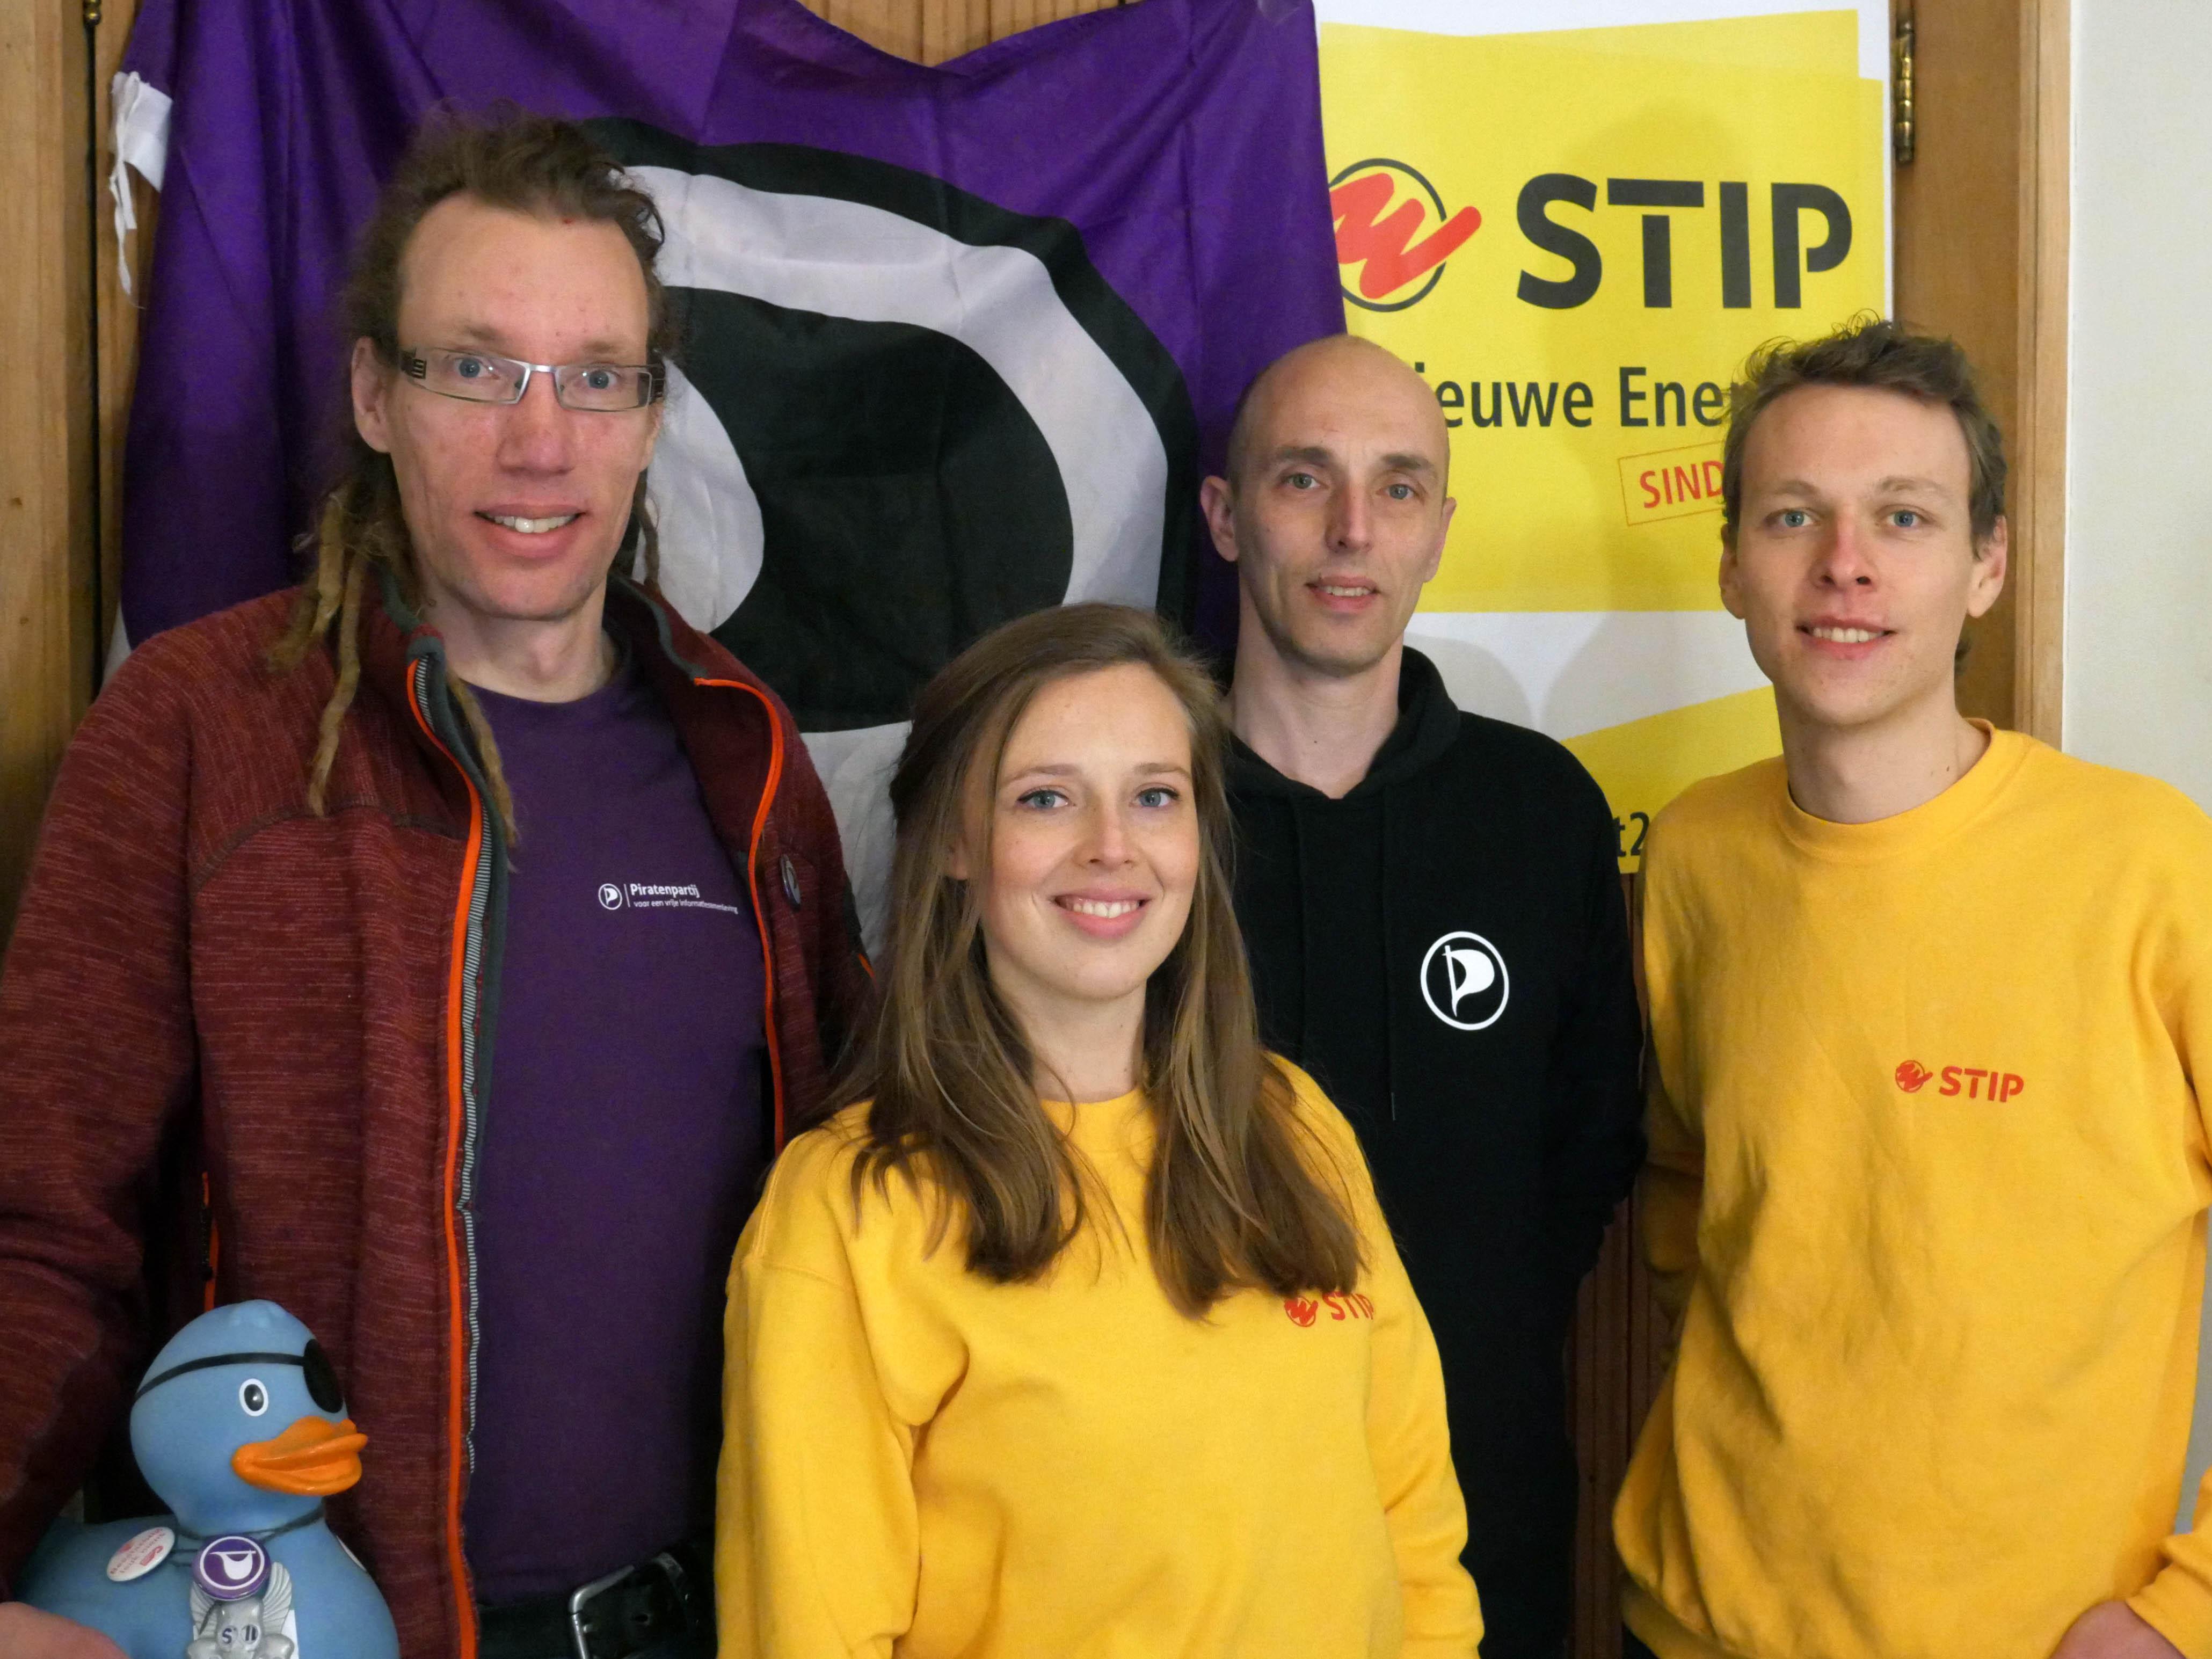 STIP en Piratenpartij Delft varen gezamenlijke koers